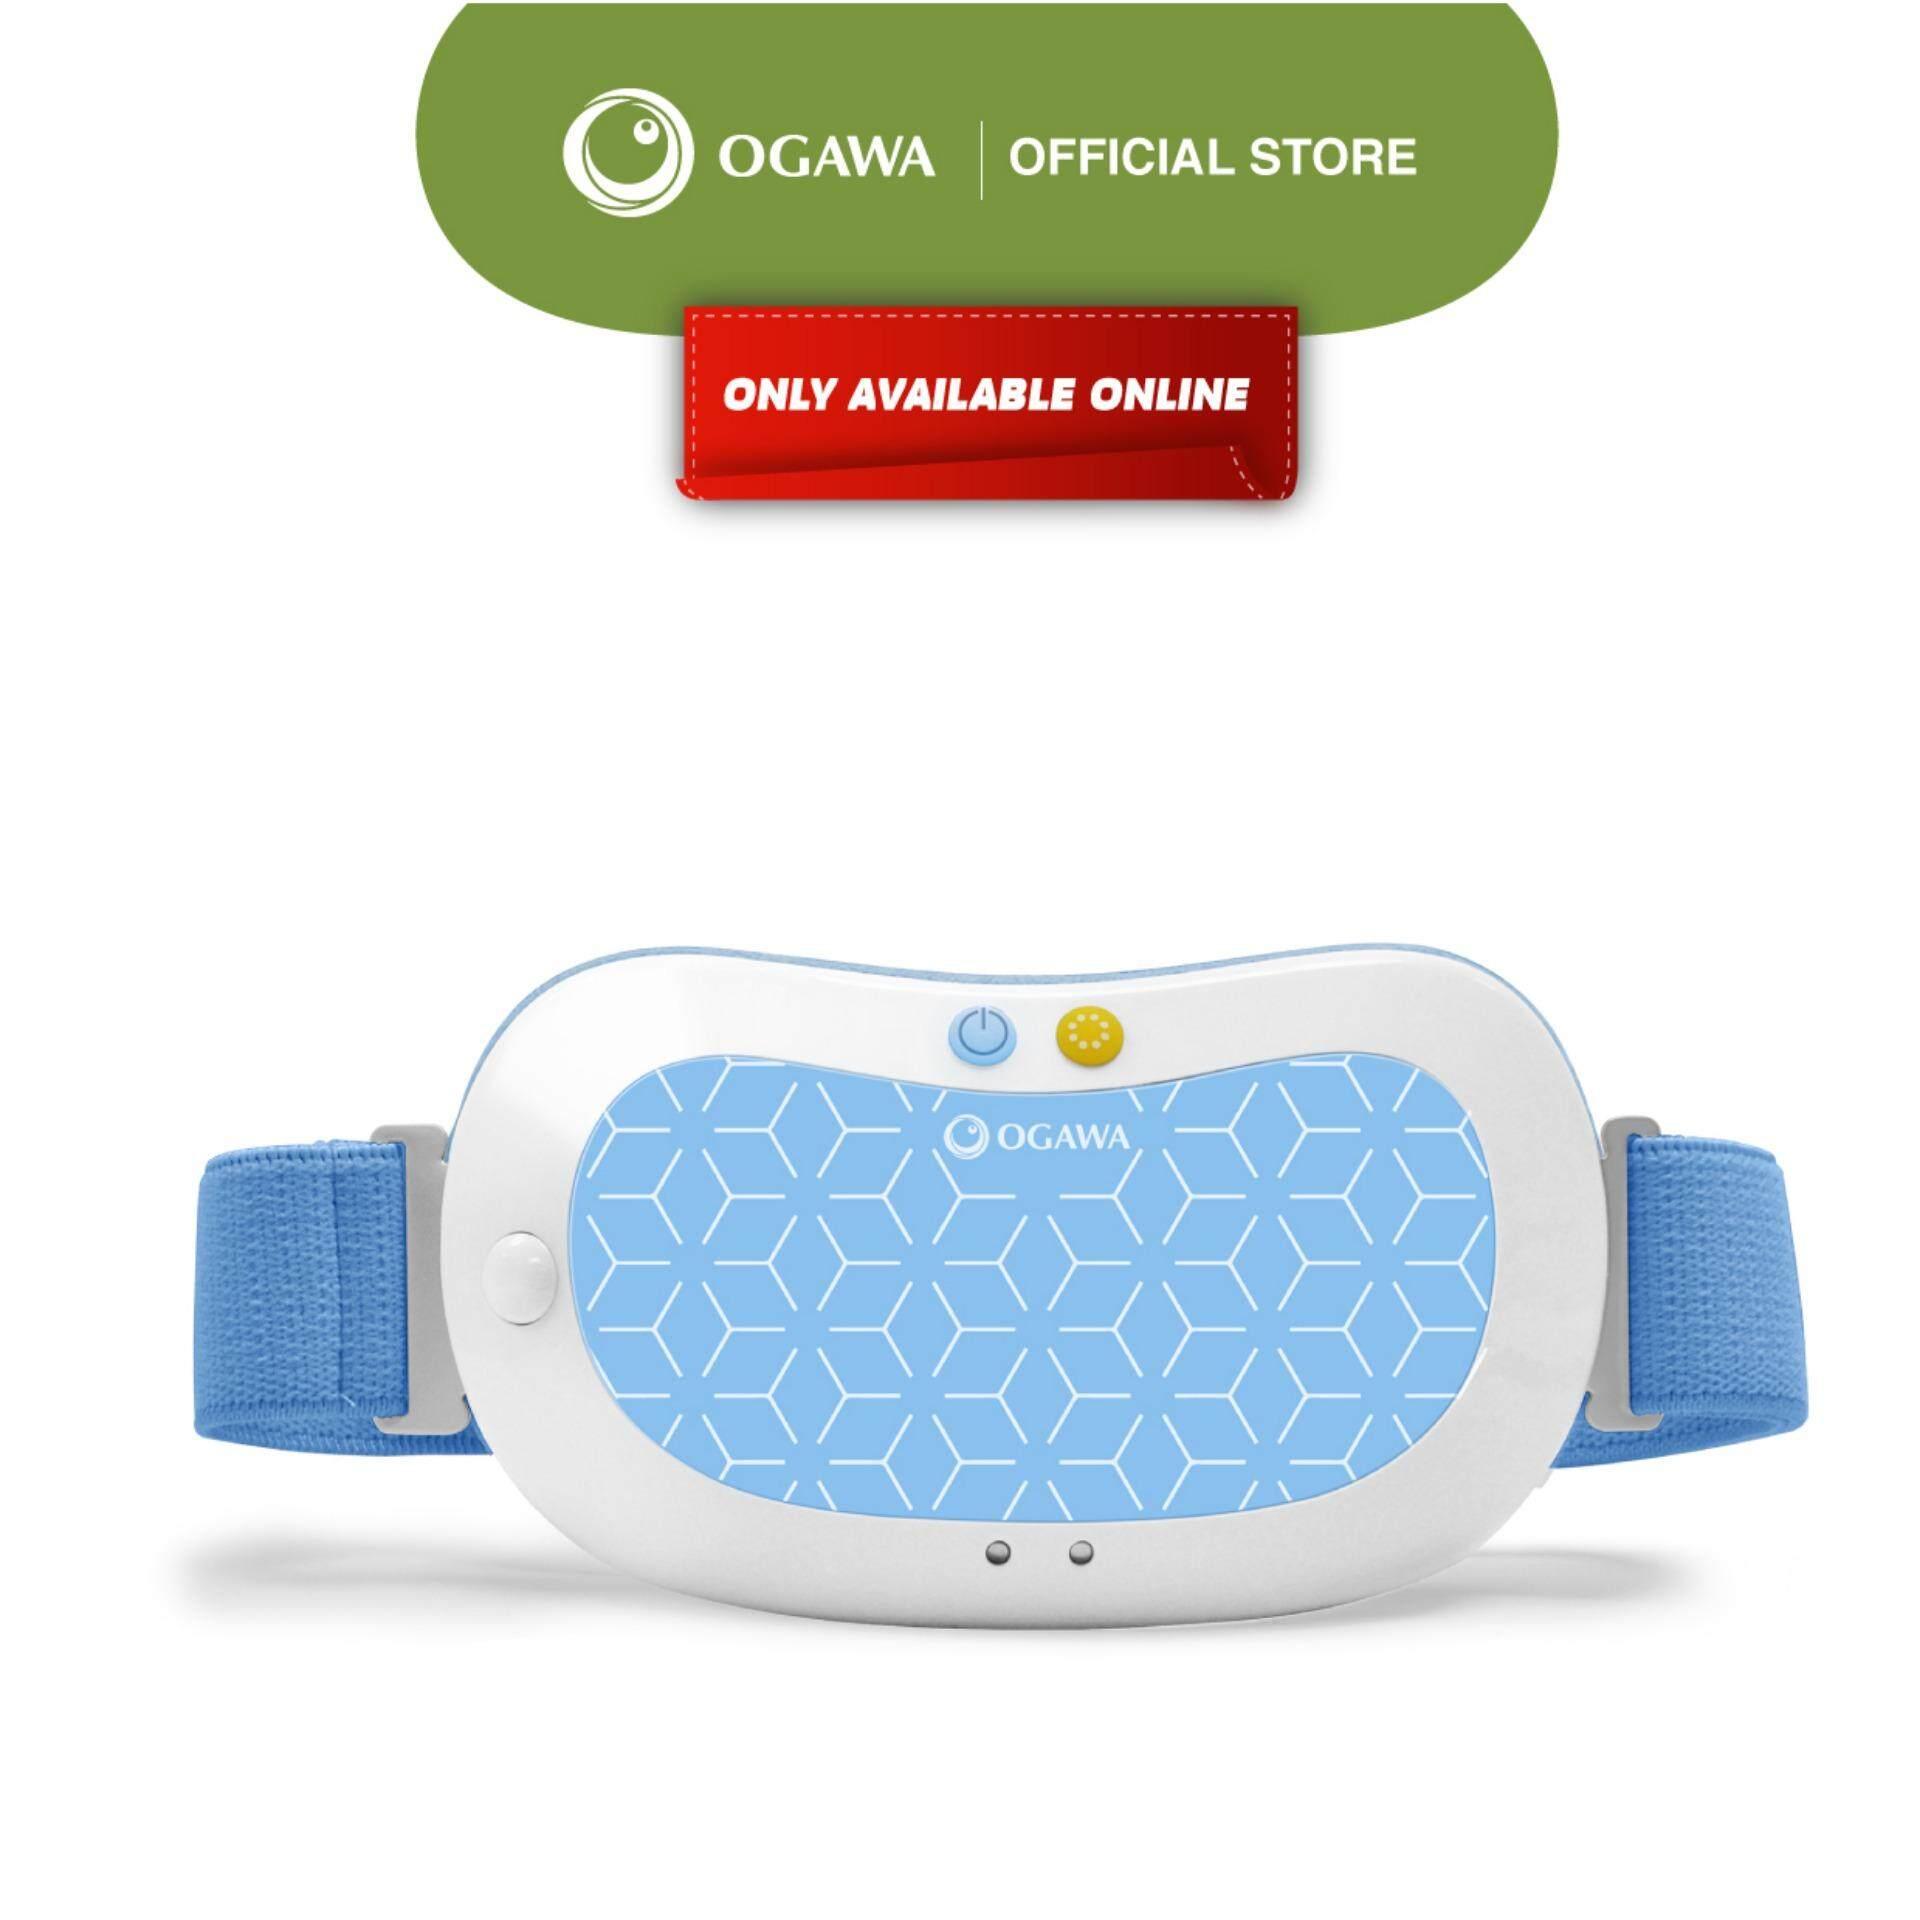 Ogawa Ez Abs Massage Slimming Belt By Ogawa.